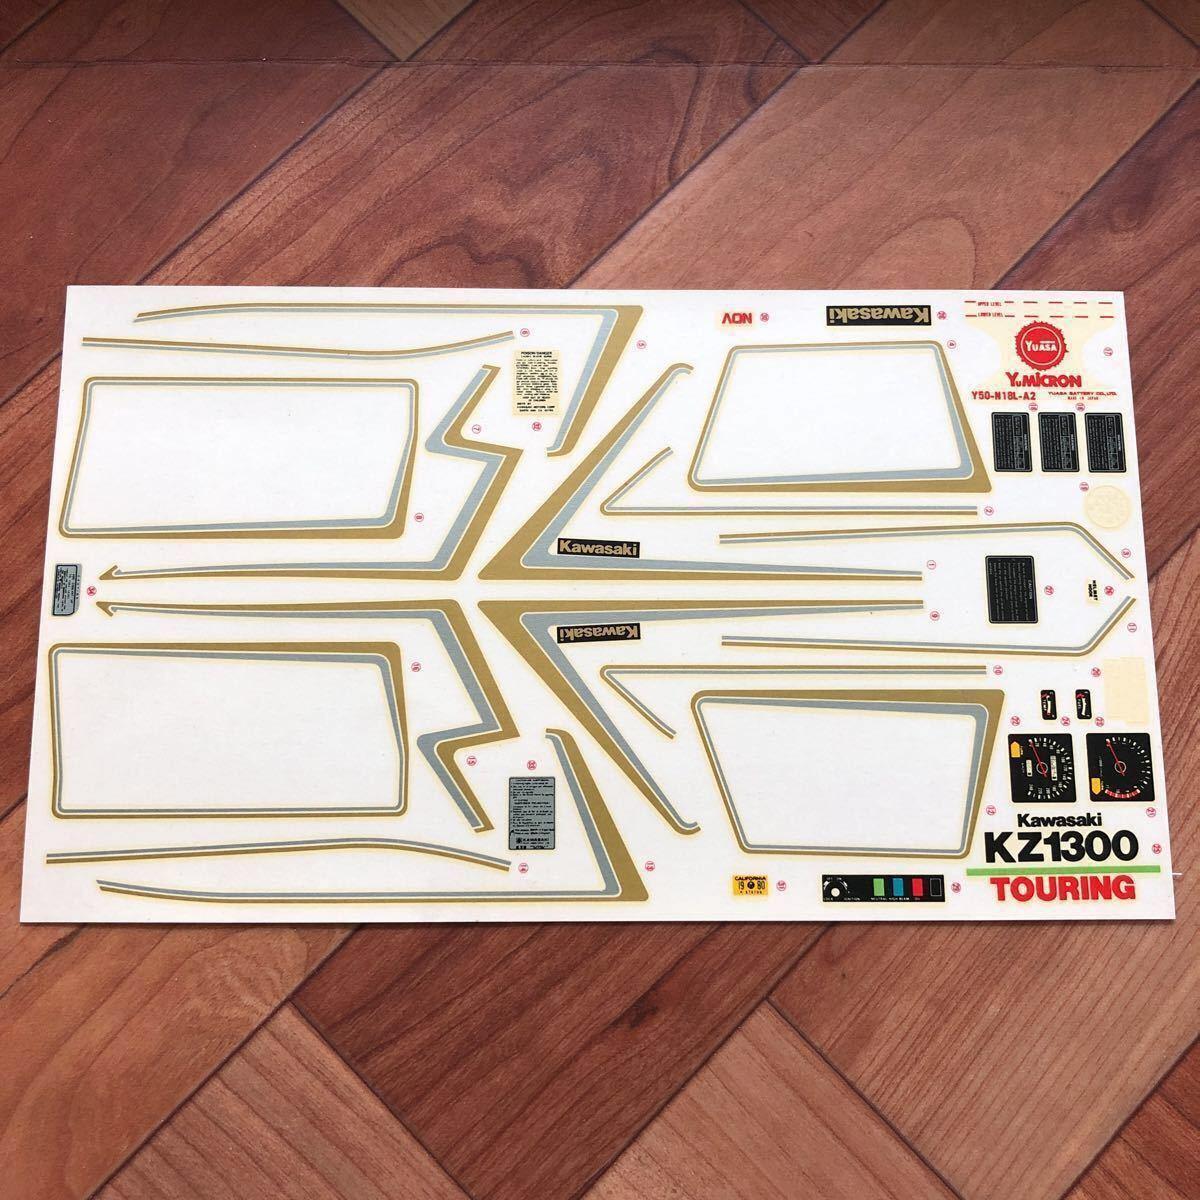 売切!1円スタート!タミヤ 1/6 カワサキ KZ1300-B ツーリング ビッグスケール 絶版!小鹿!当時物!デカール◎_画像8